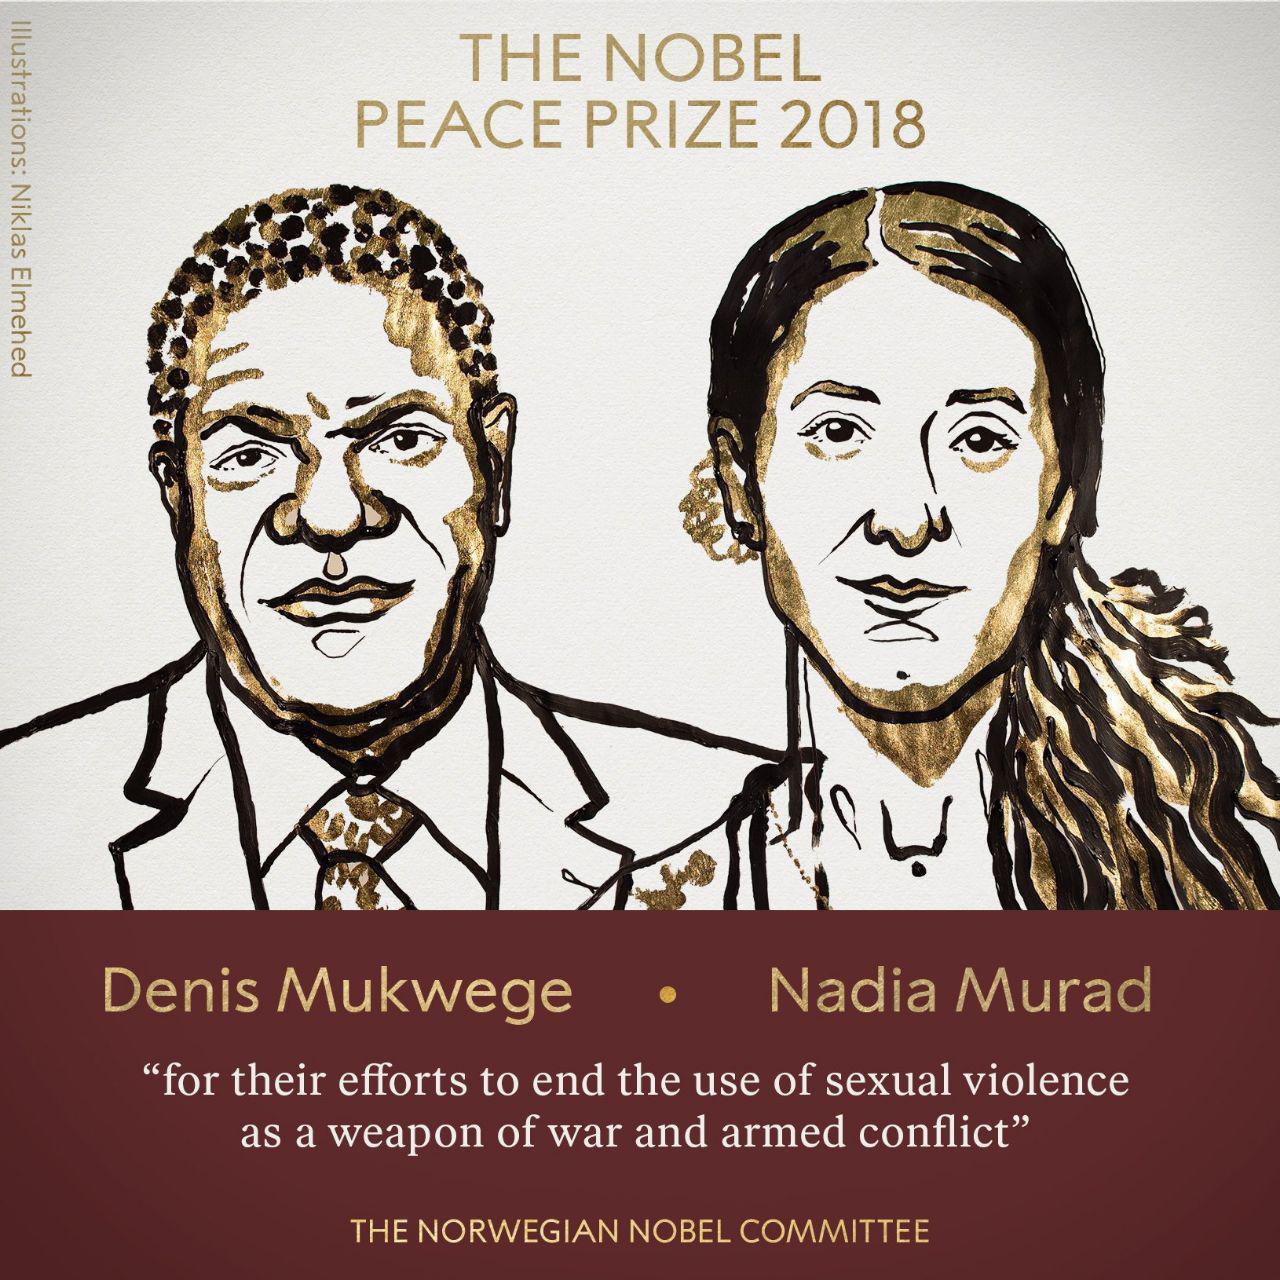 برندگان جایزه صلح نوبل در سال 2018